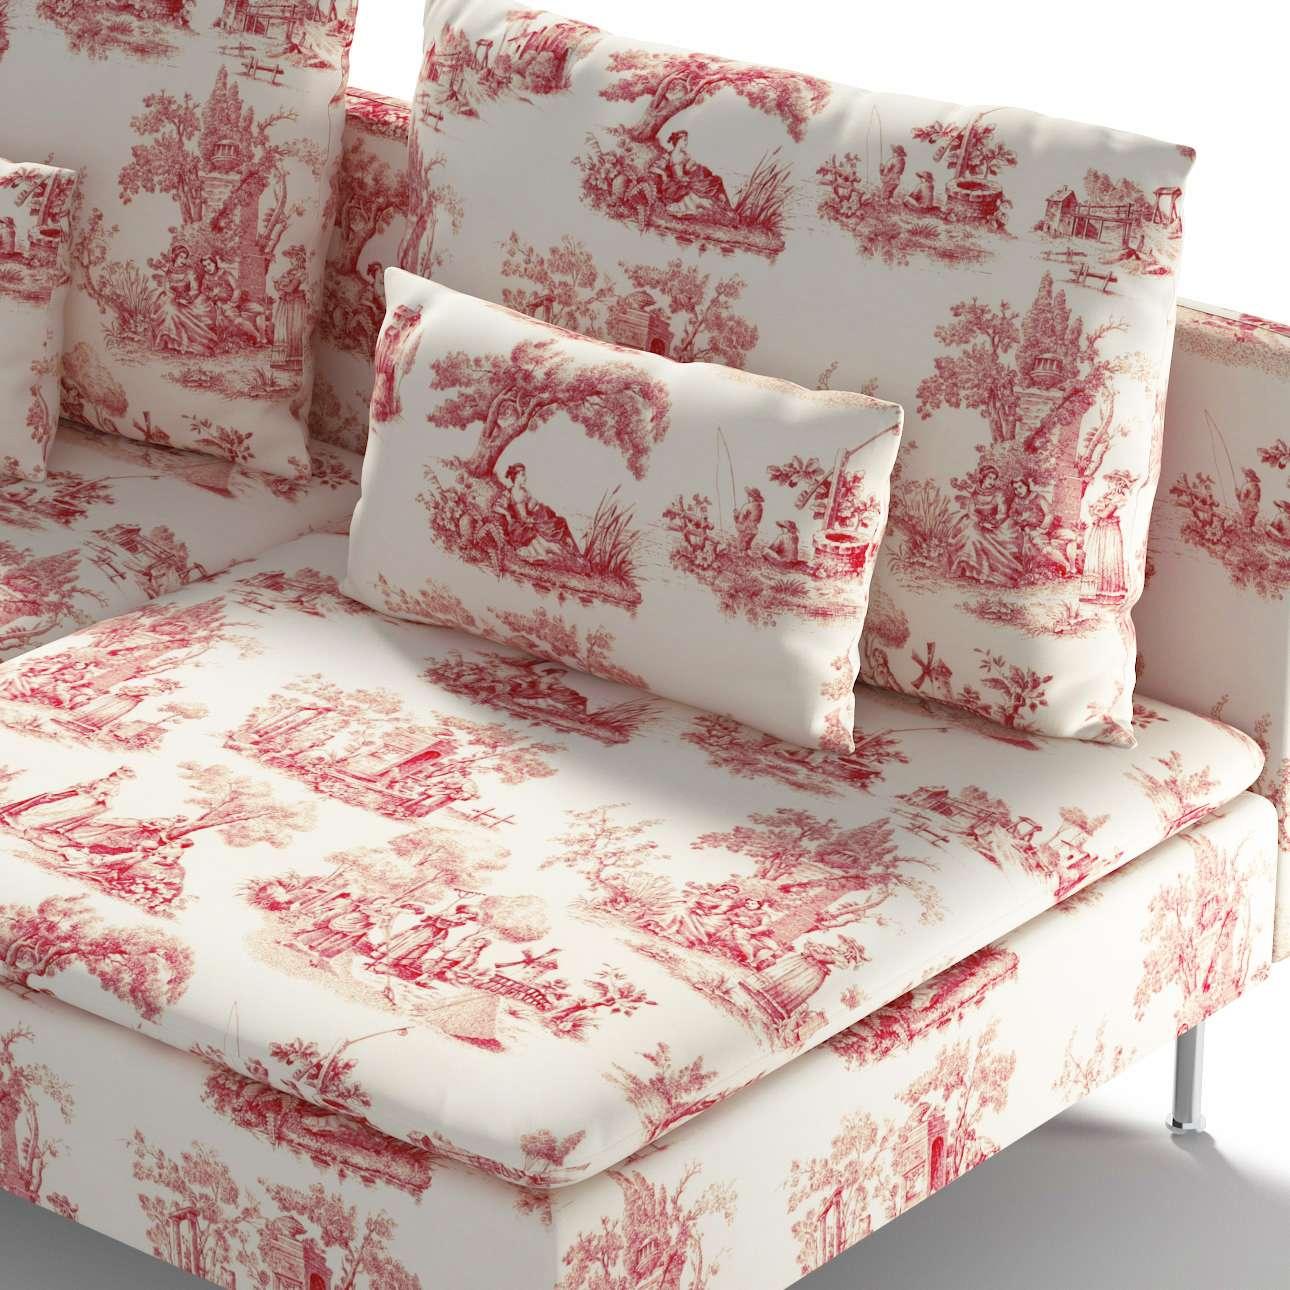 Söderhamn Bezug für Sitzelement 3 Sitzelement 3 von der Kollektion Avinon, Stoff: 132-15